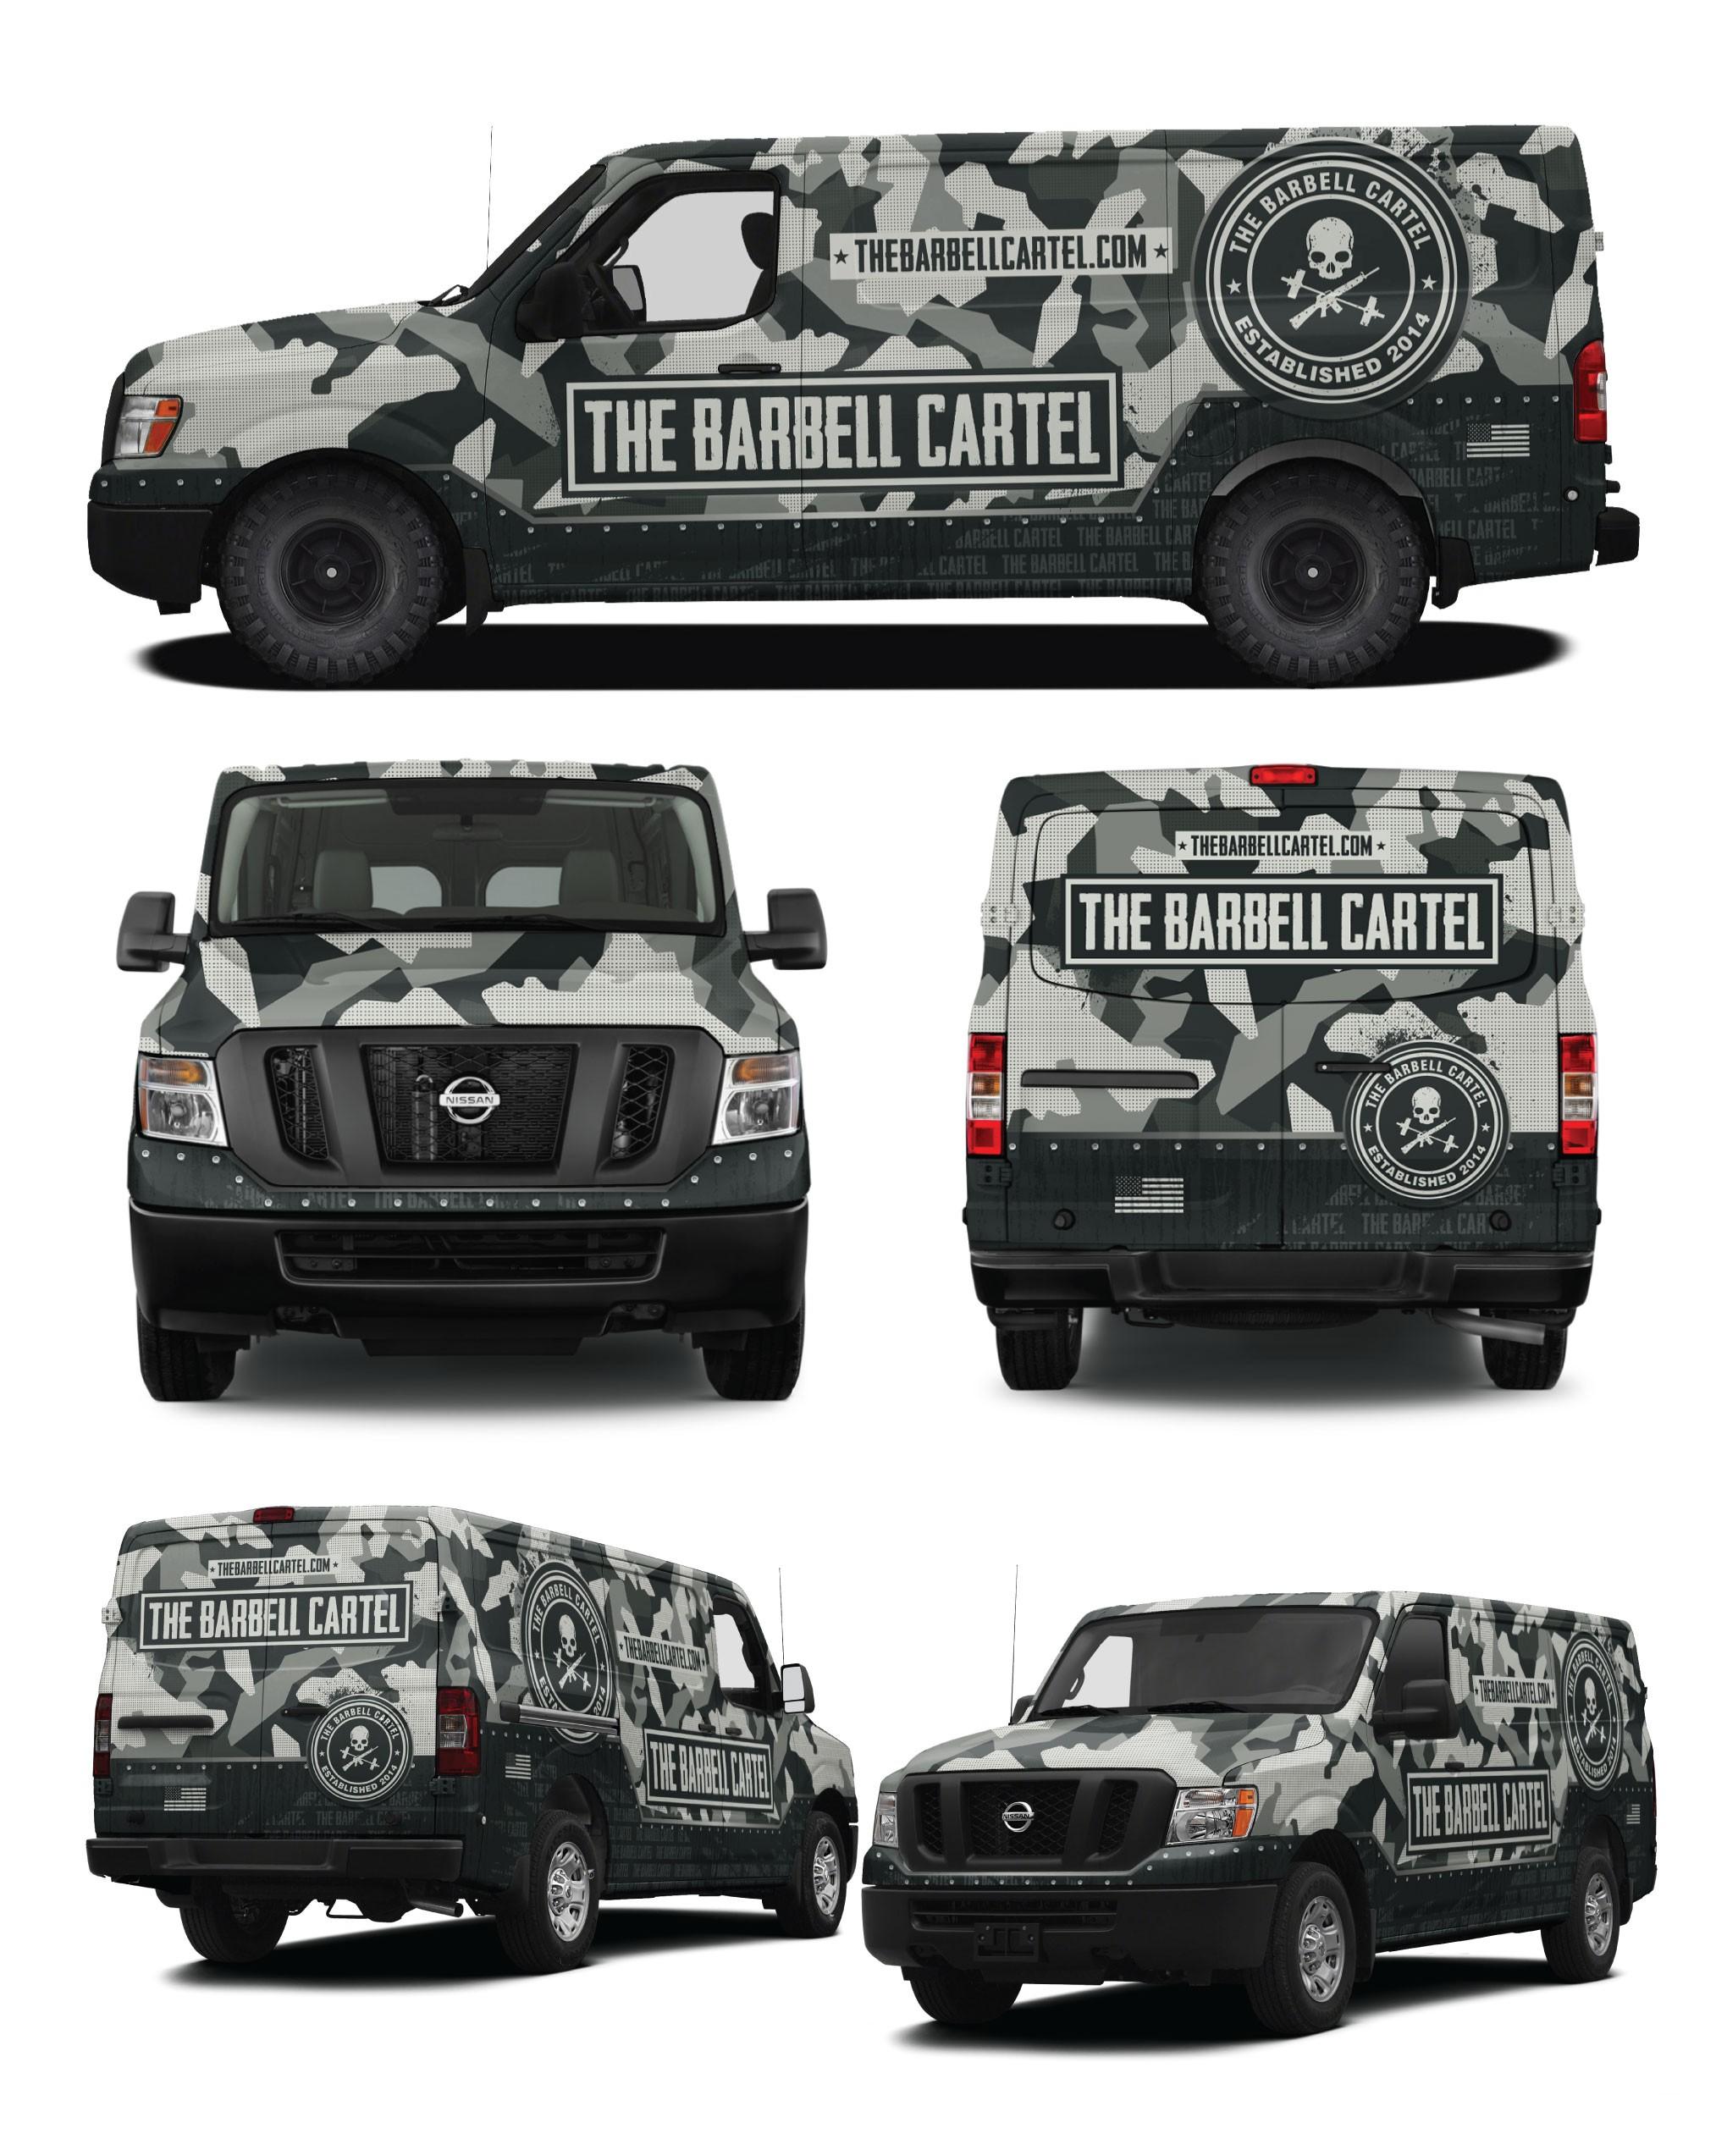 The barbell cartel van